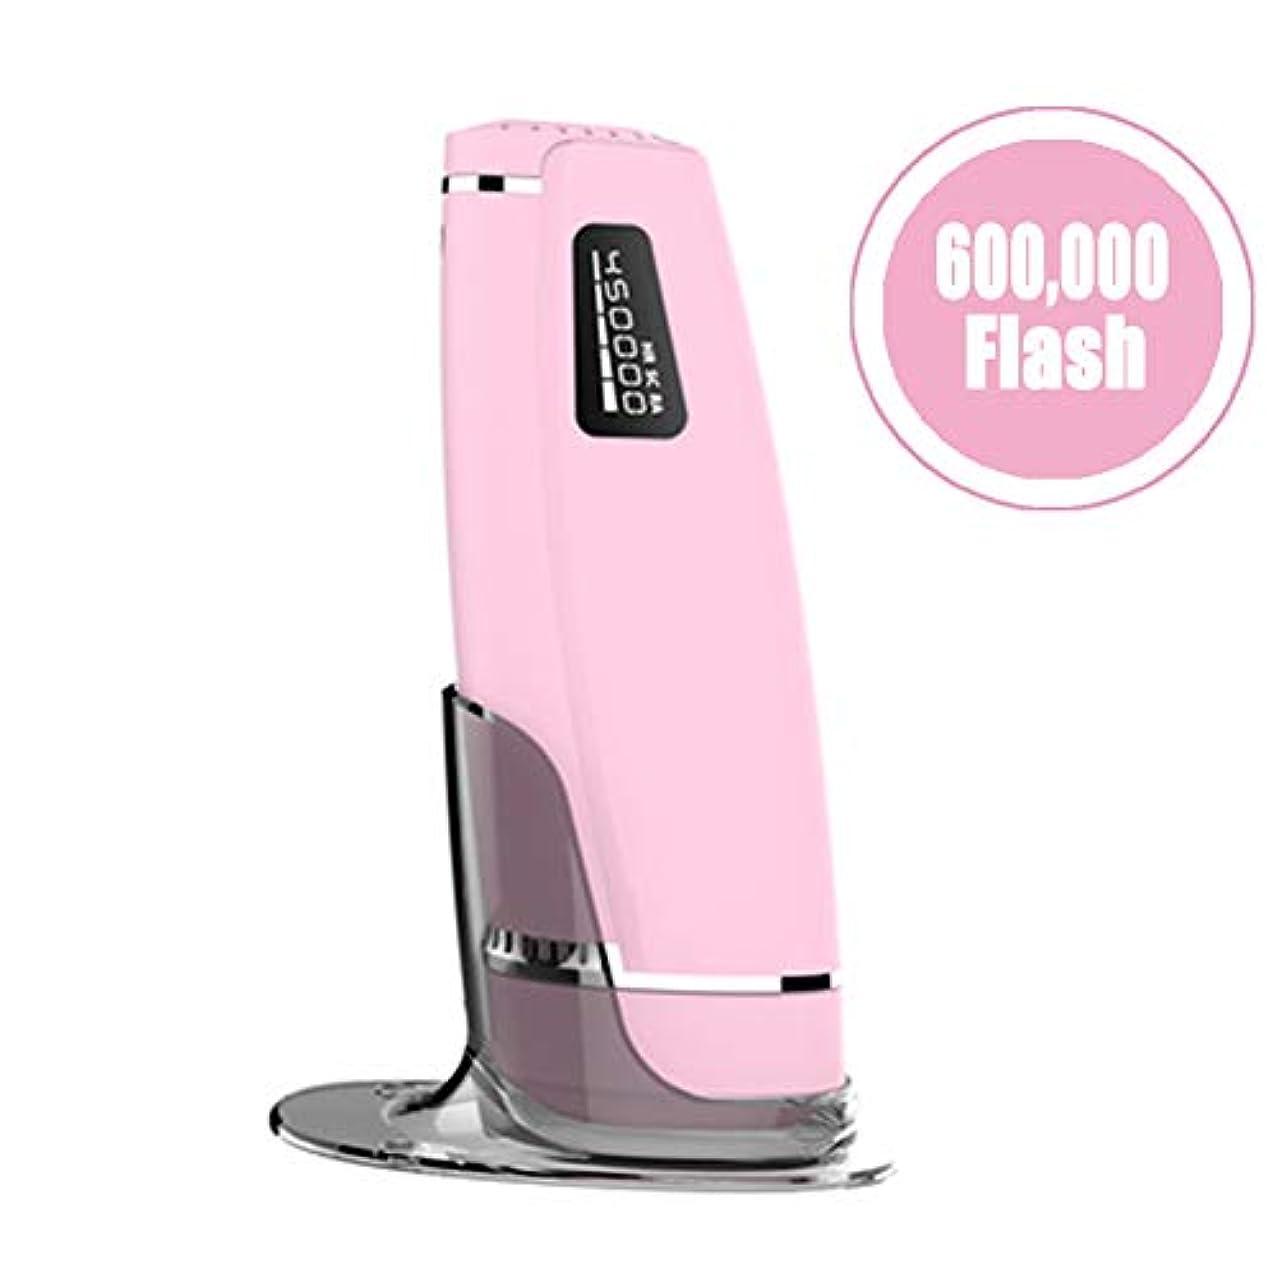 バルコニー販売員公演アップグレードIPLレーザー脱毛システムデバイス、60万回のフラッシュ無痛常設パルス光脱毛器にとってボディフェイス脇の下ビキニライン,Pink